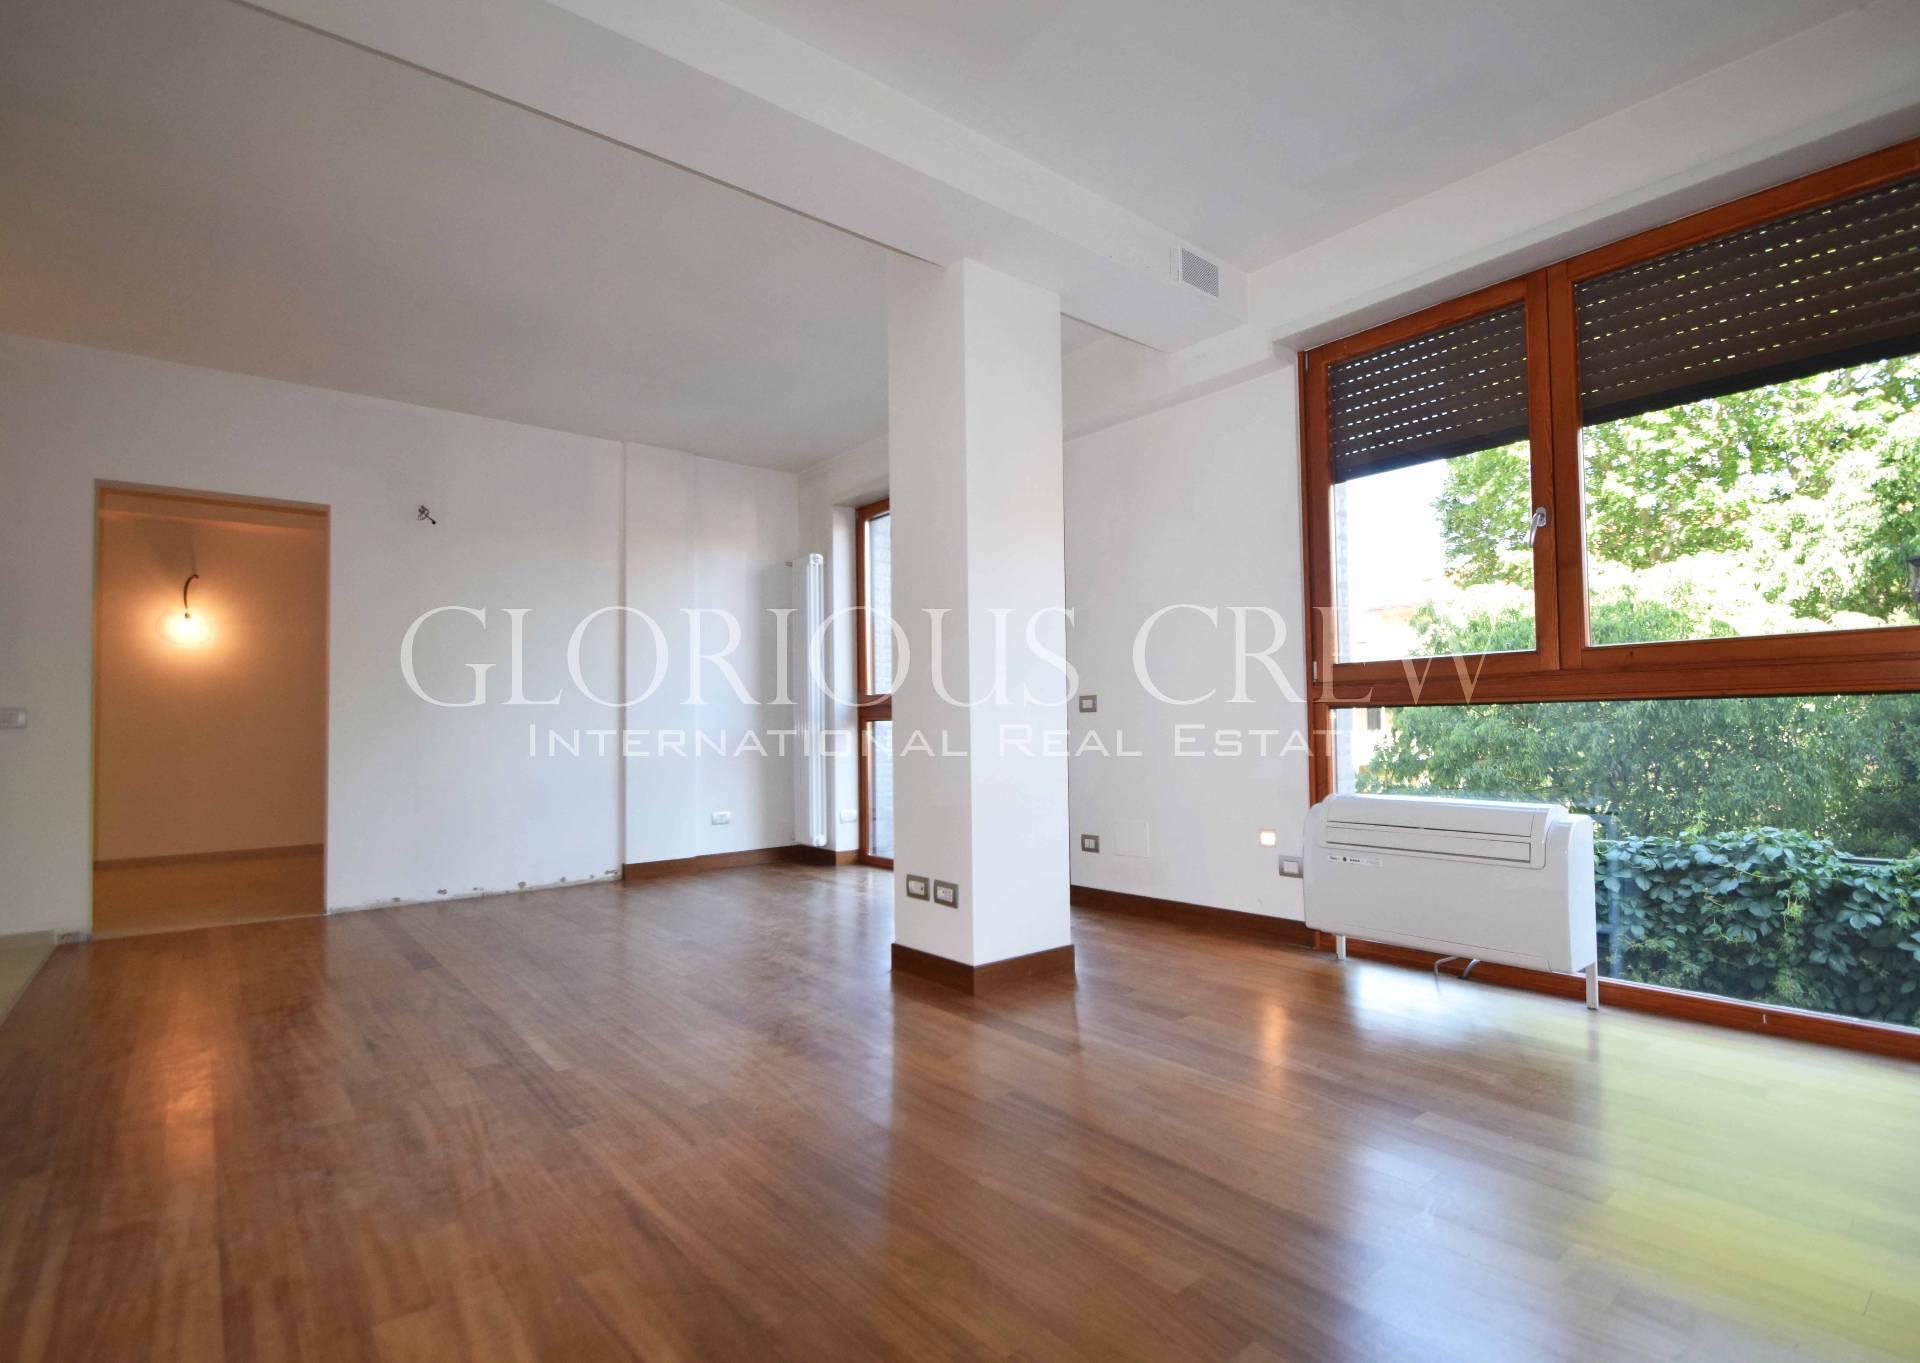 Appartamento in Vendita a Milano: 2 locali, 52 mq - Foto 1